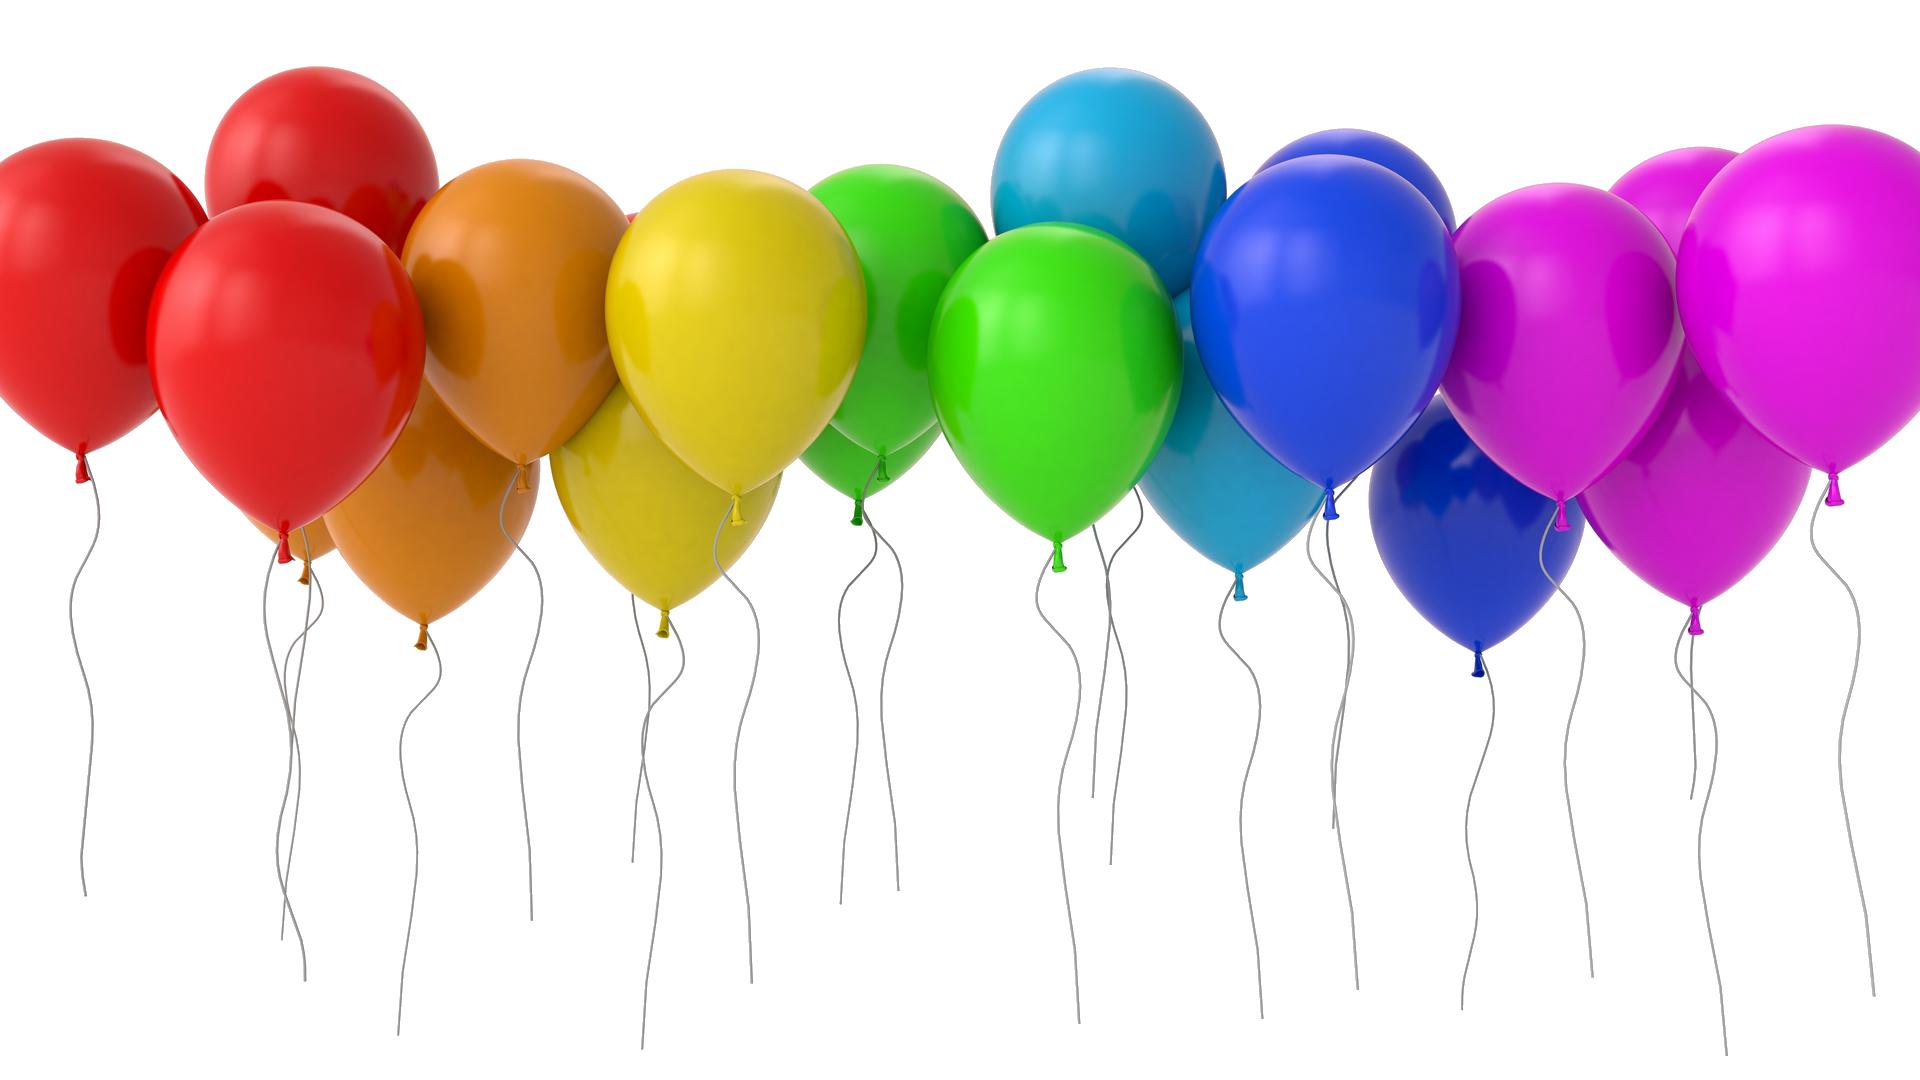 Balloons HD Desktop Wallpaper High.